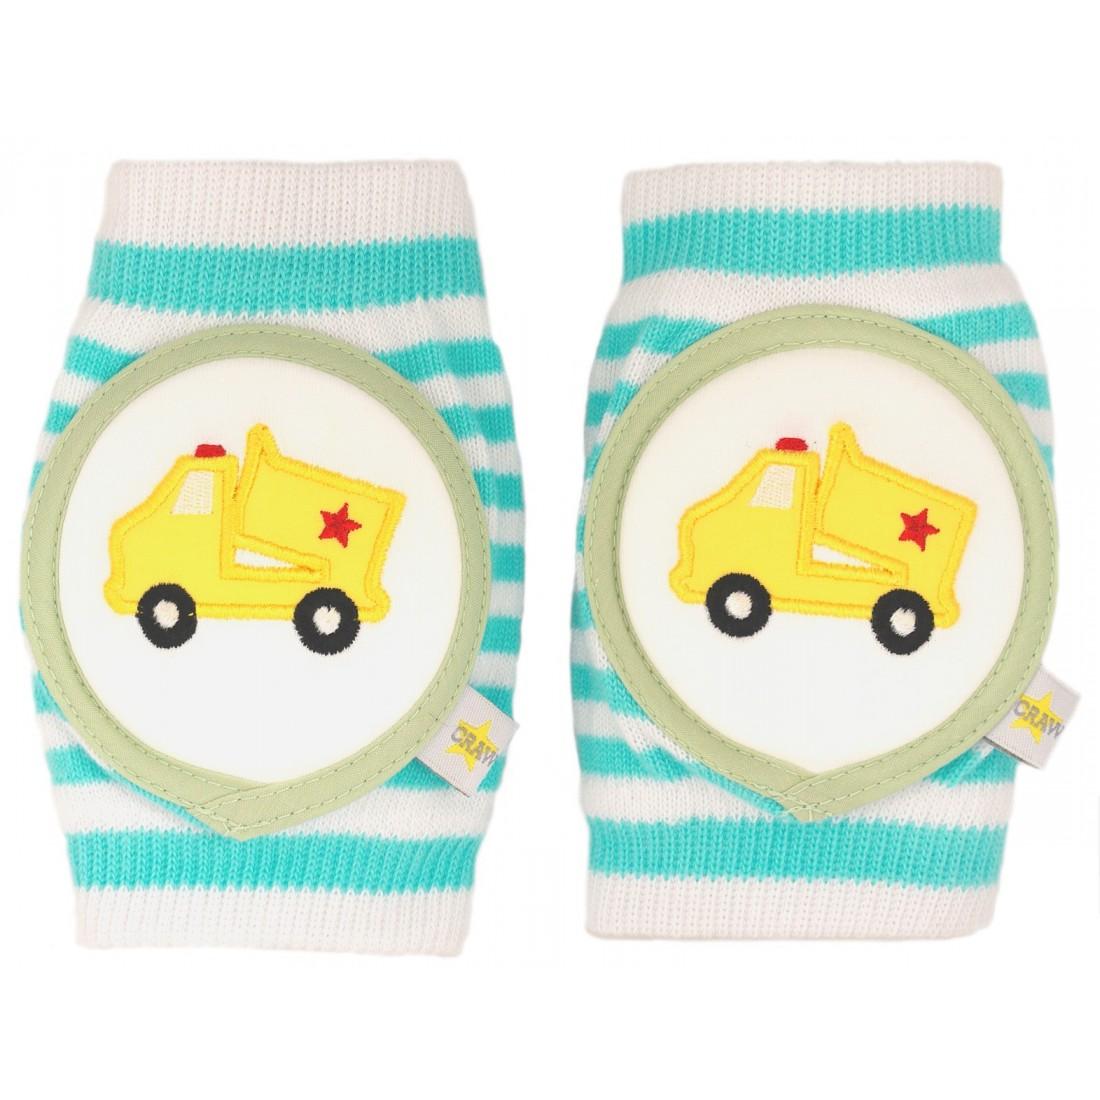 Protèges genoux bébé camion jaune  6 mois-4 ans